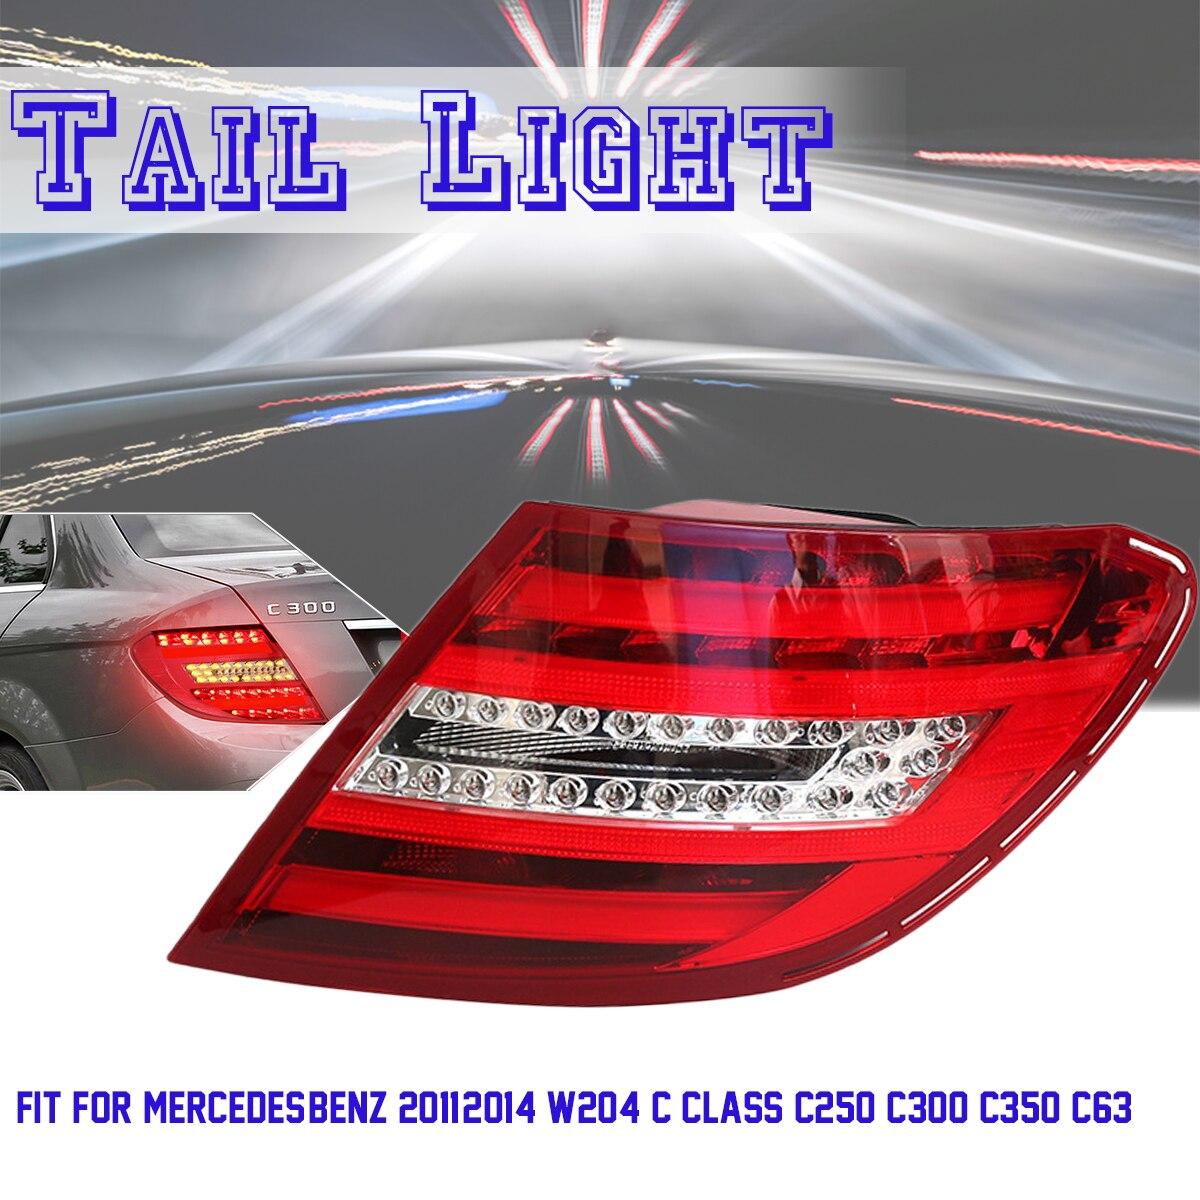 Светодиодный автомобиля задние фонари для Mercedes Benz 2011 2014 W204 C класса C250 C350 C63 ABS Пластик 12 V красный прозрачный комплект для освещения автомоби